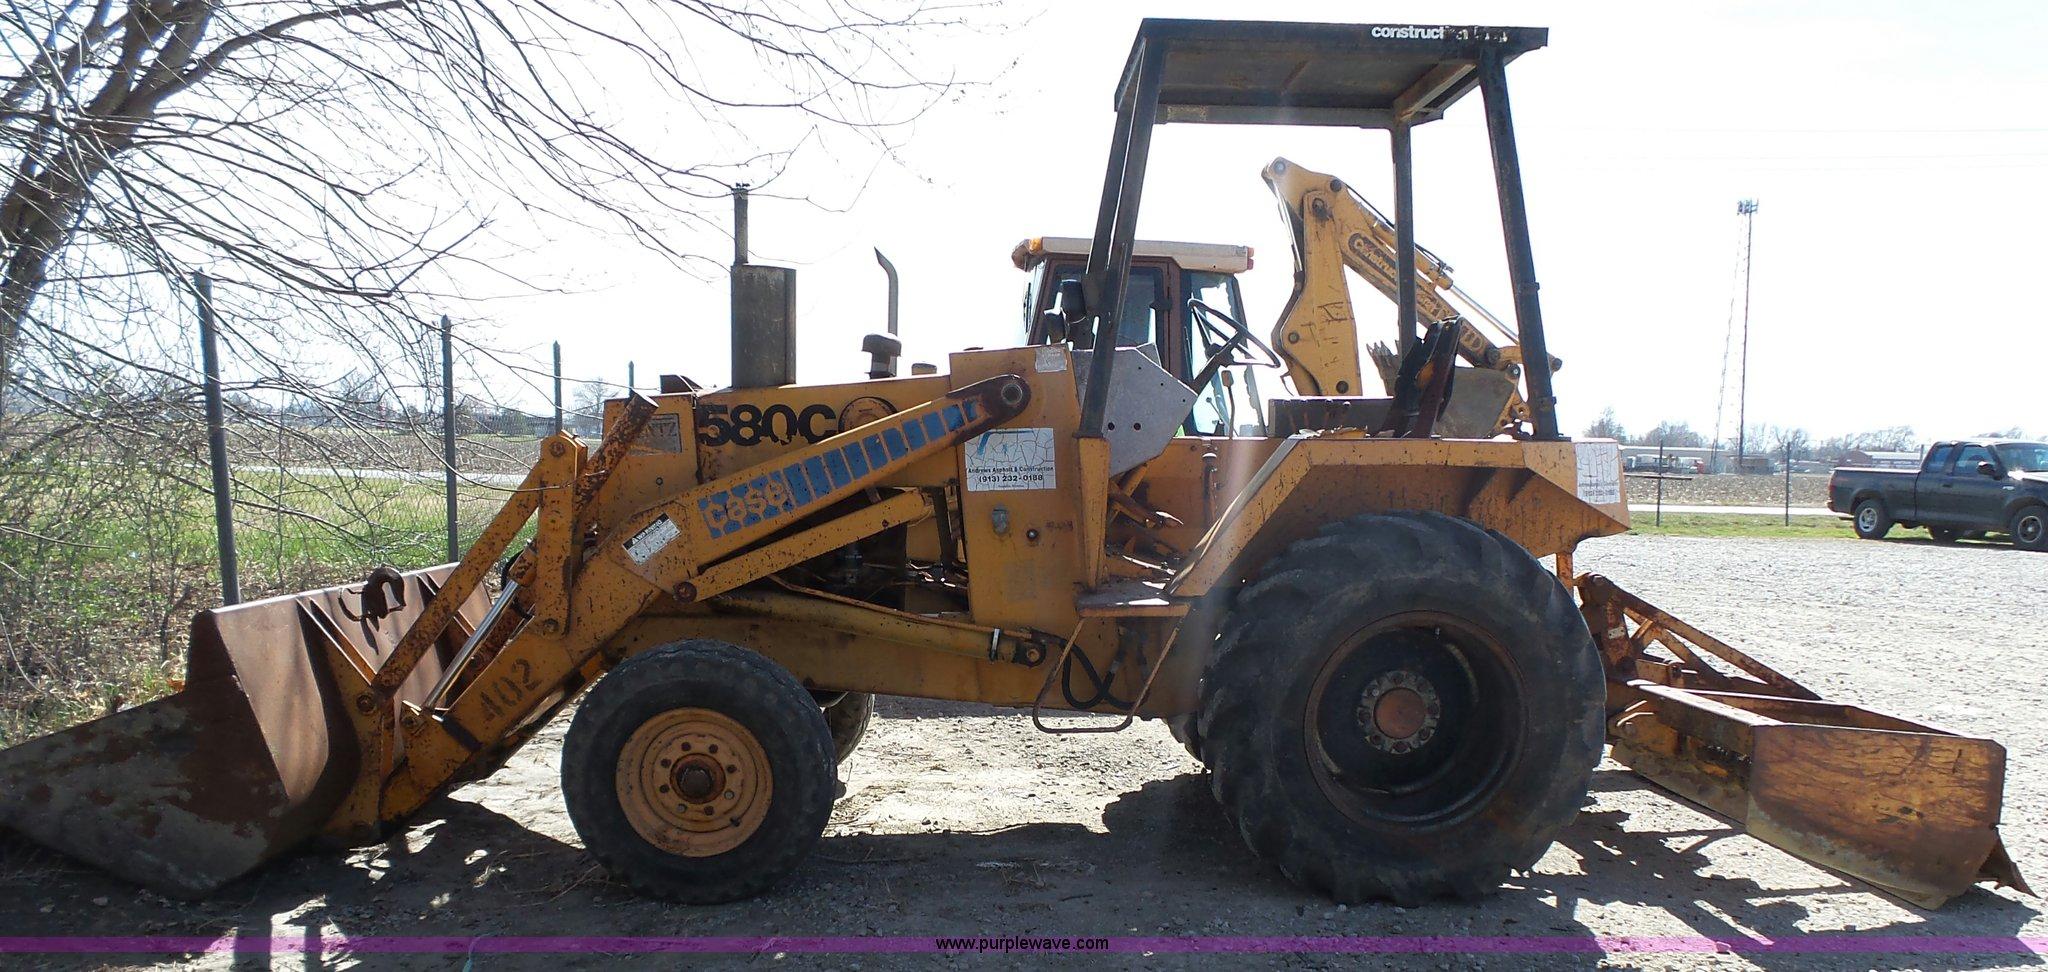 1979 Case 580c Construction King Landscape Tractor